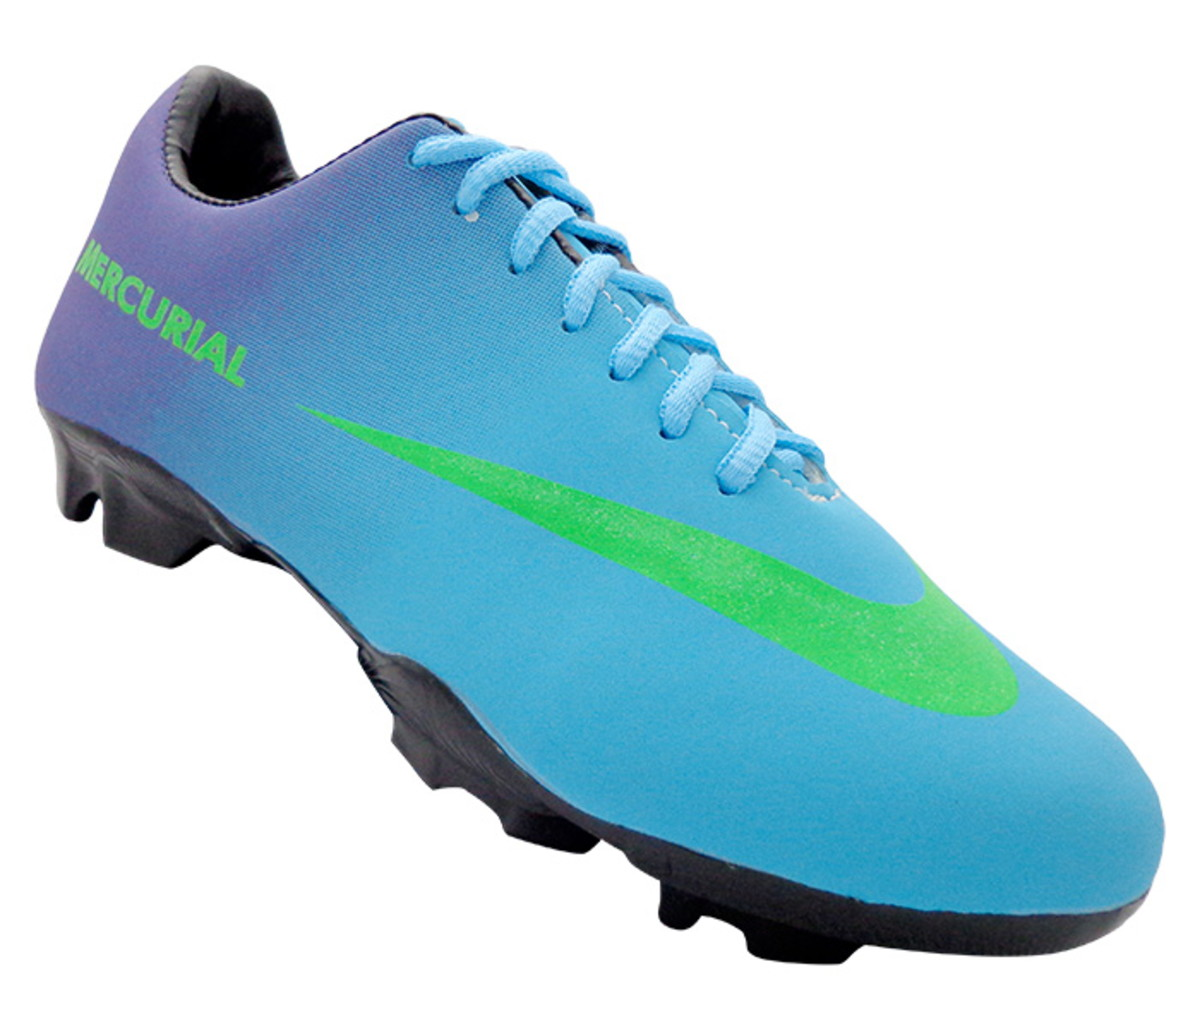 Chuteira Campo Nike Mercurial no Elo7  0bbd5b1b83bb1